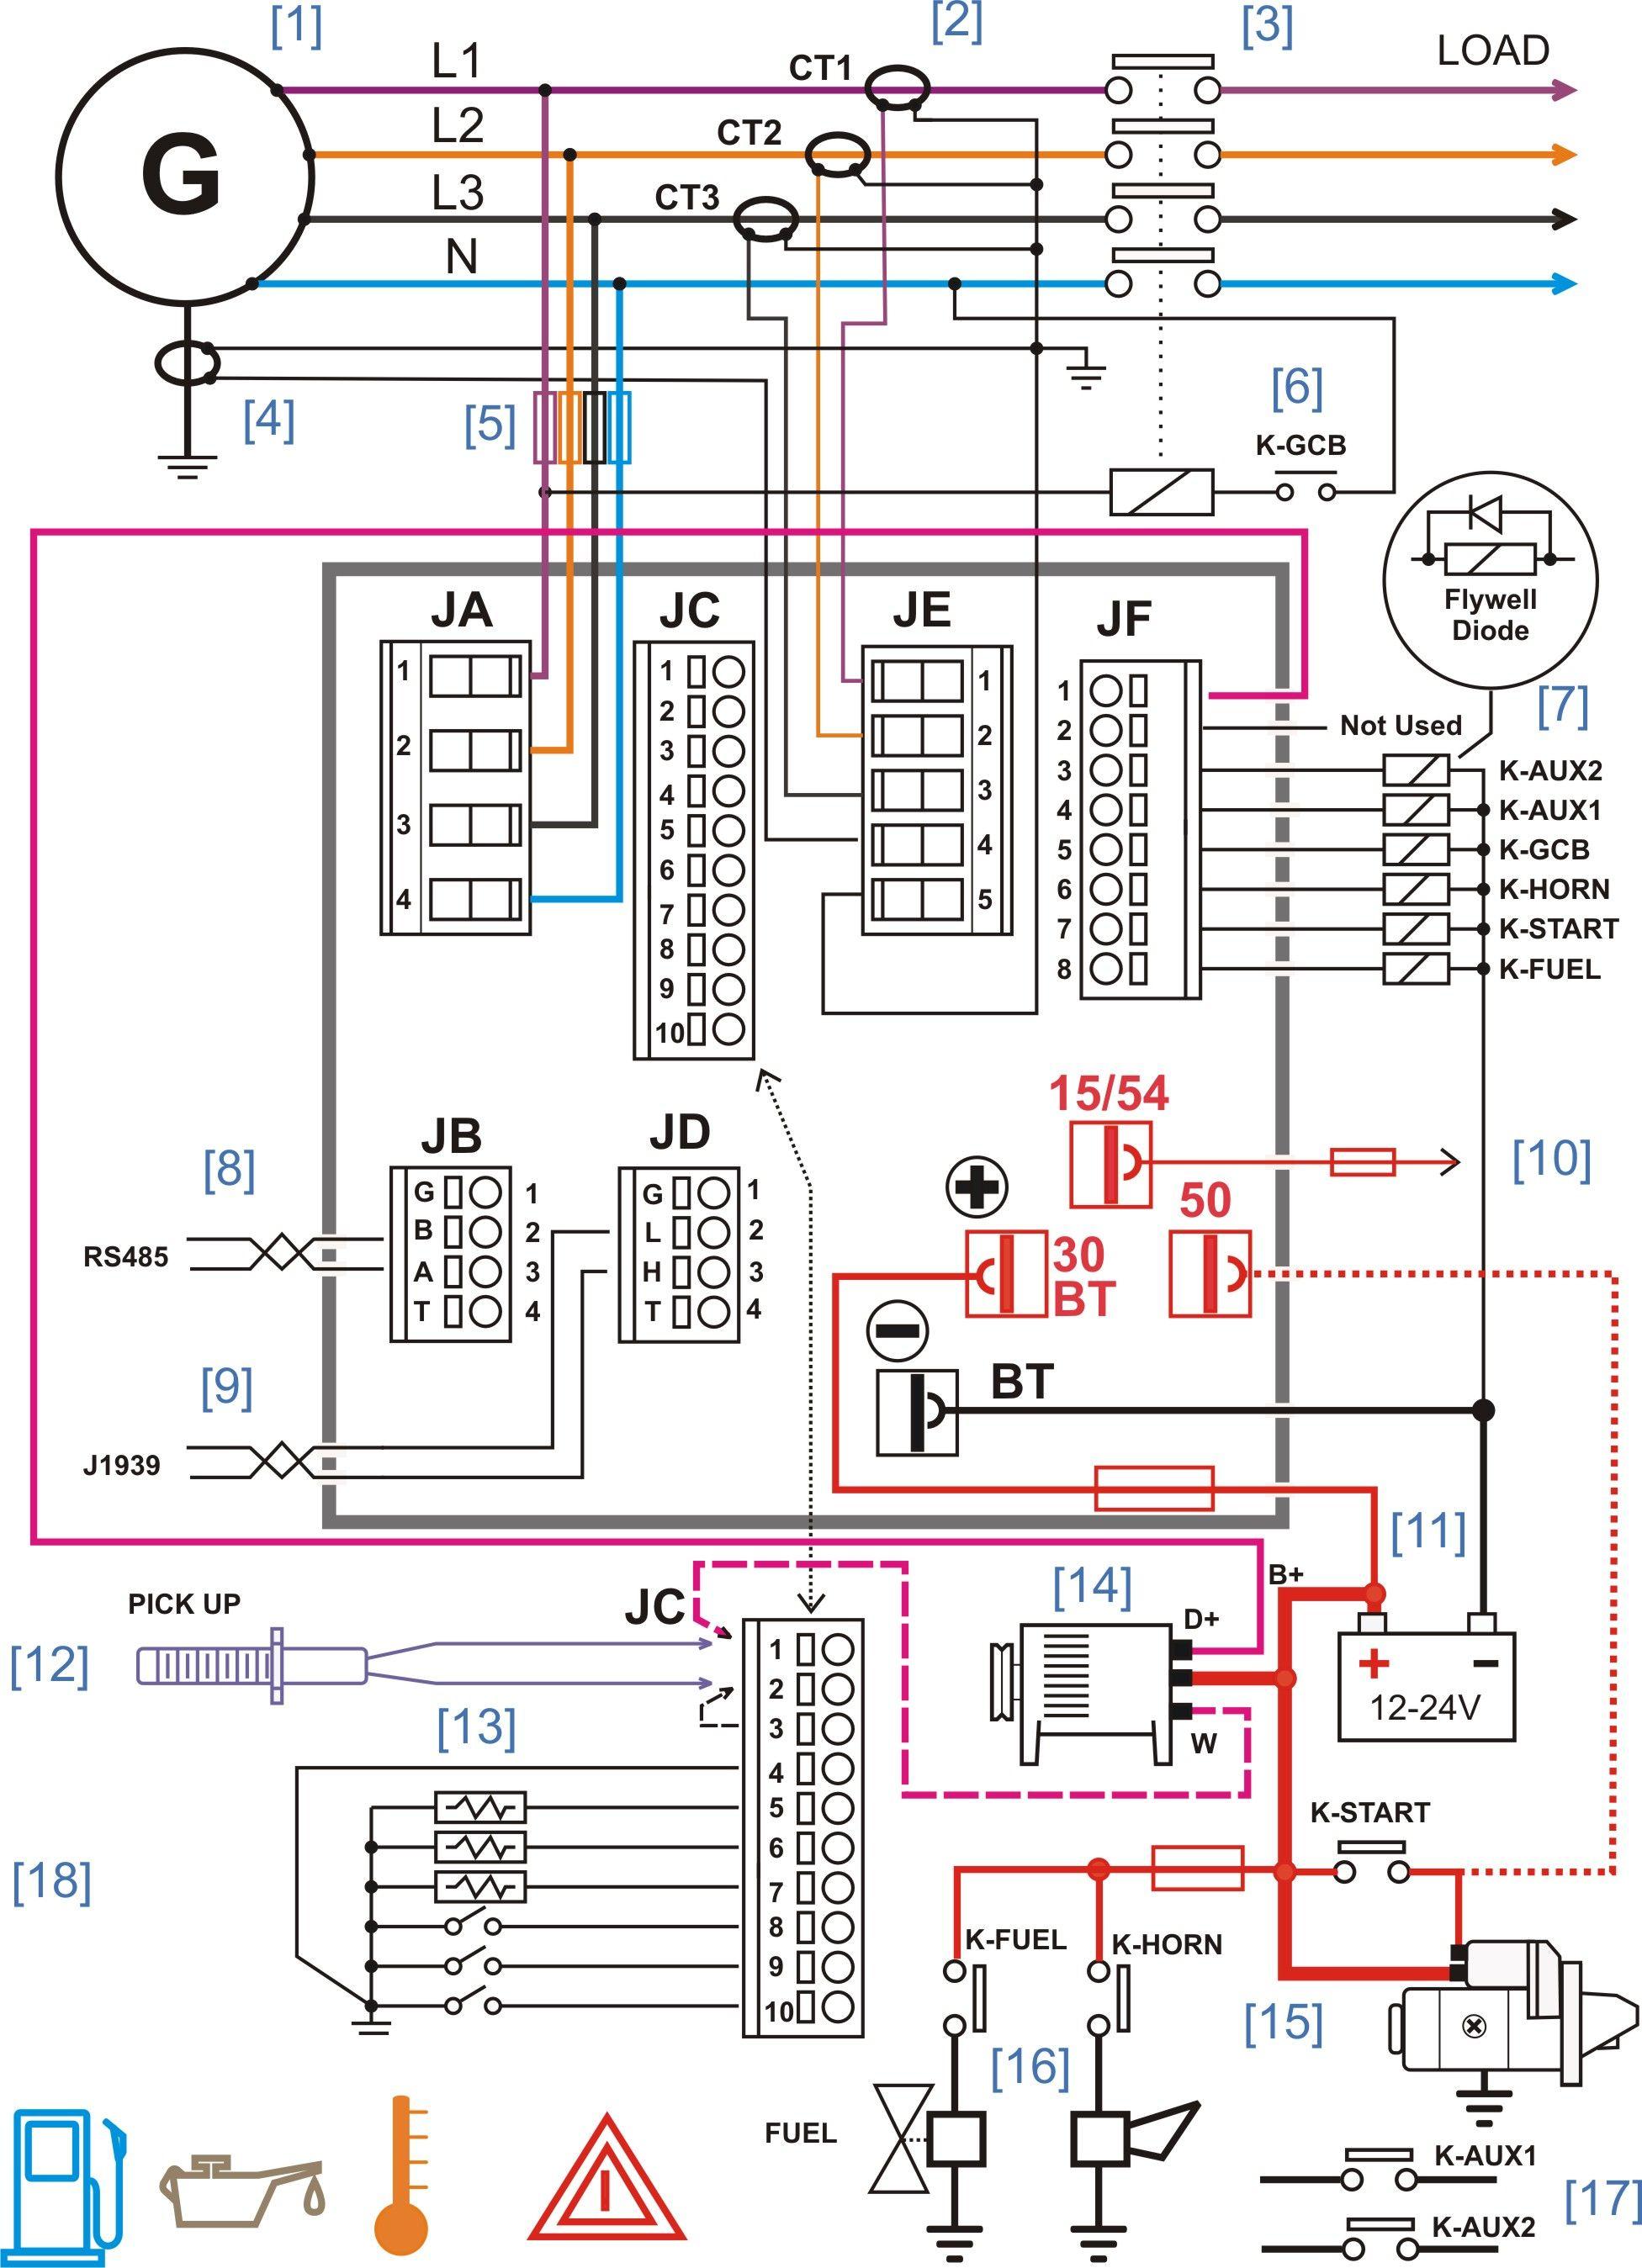 Keystone Epi2 Electric Actuator Wiring Diagram Sample